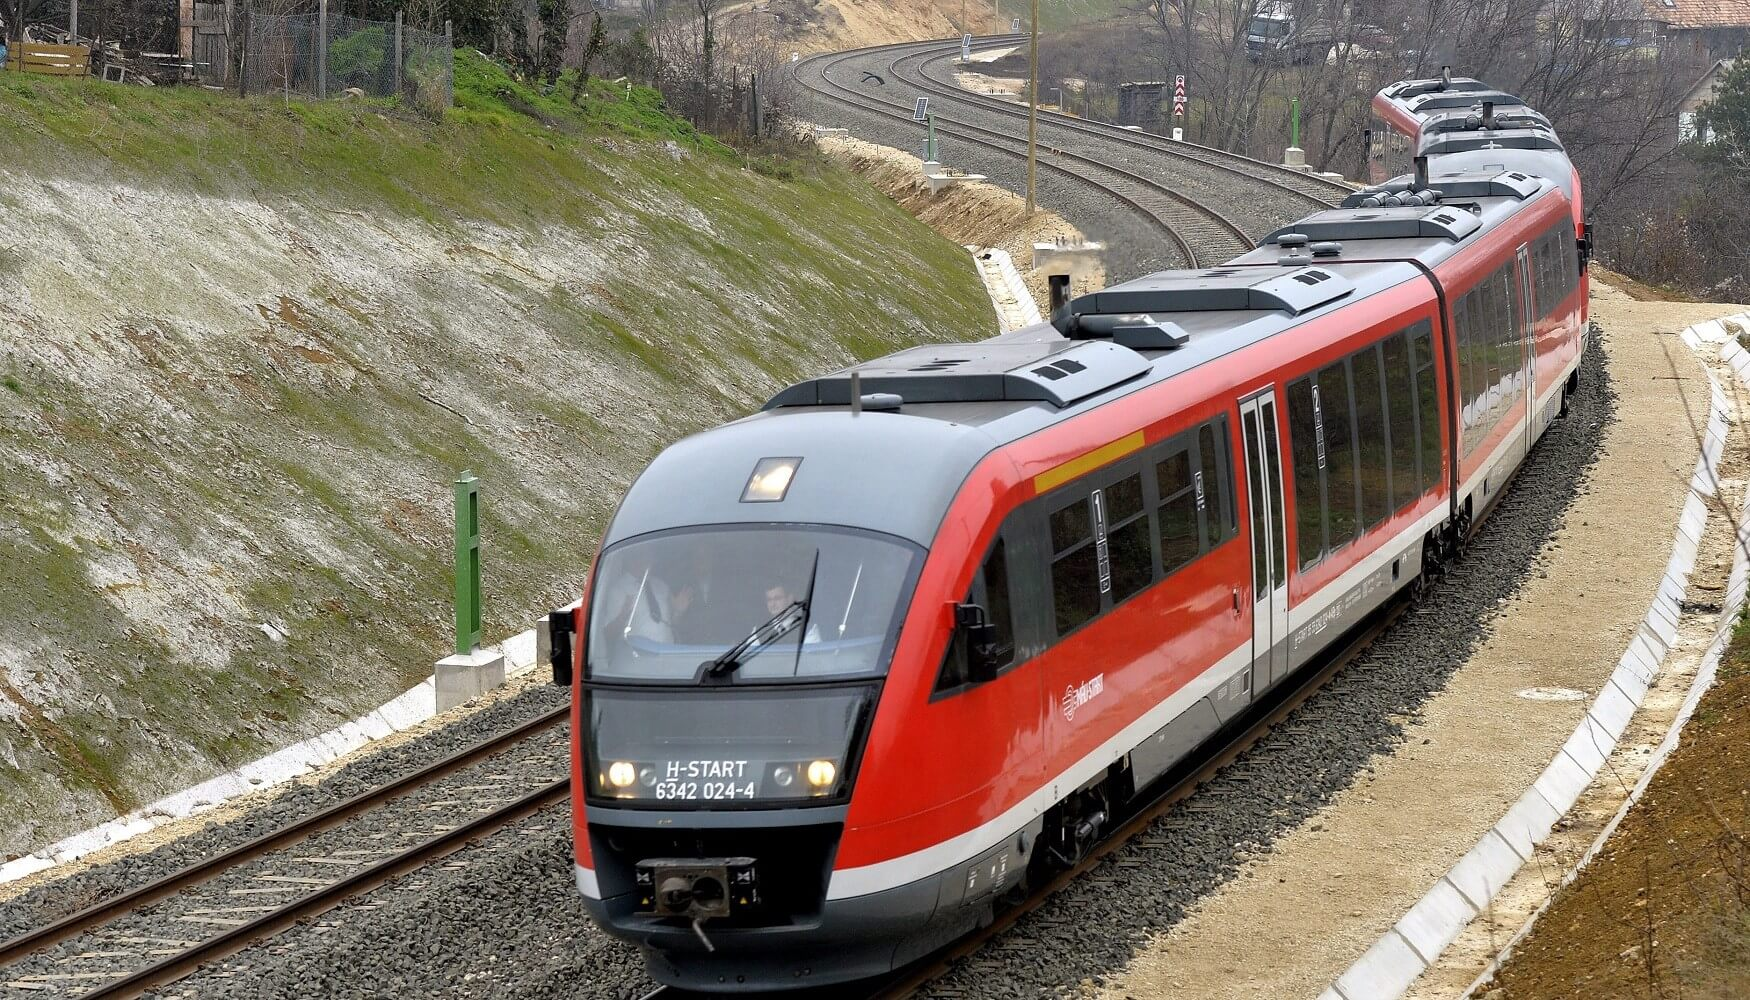 November végére elkészül az esztergomi vasútvonal villamosítása